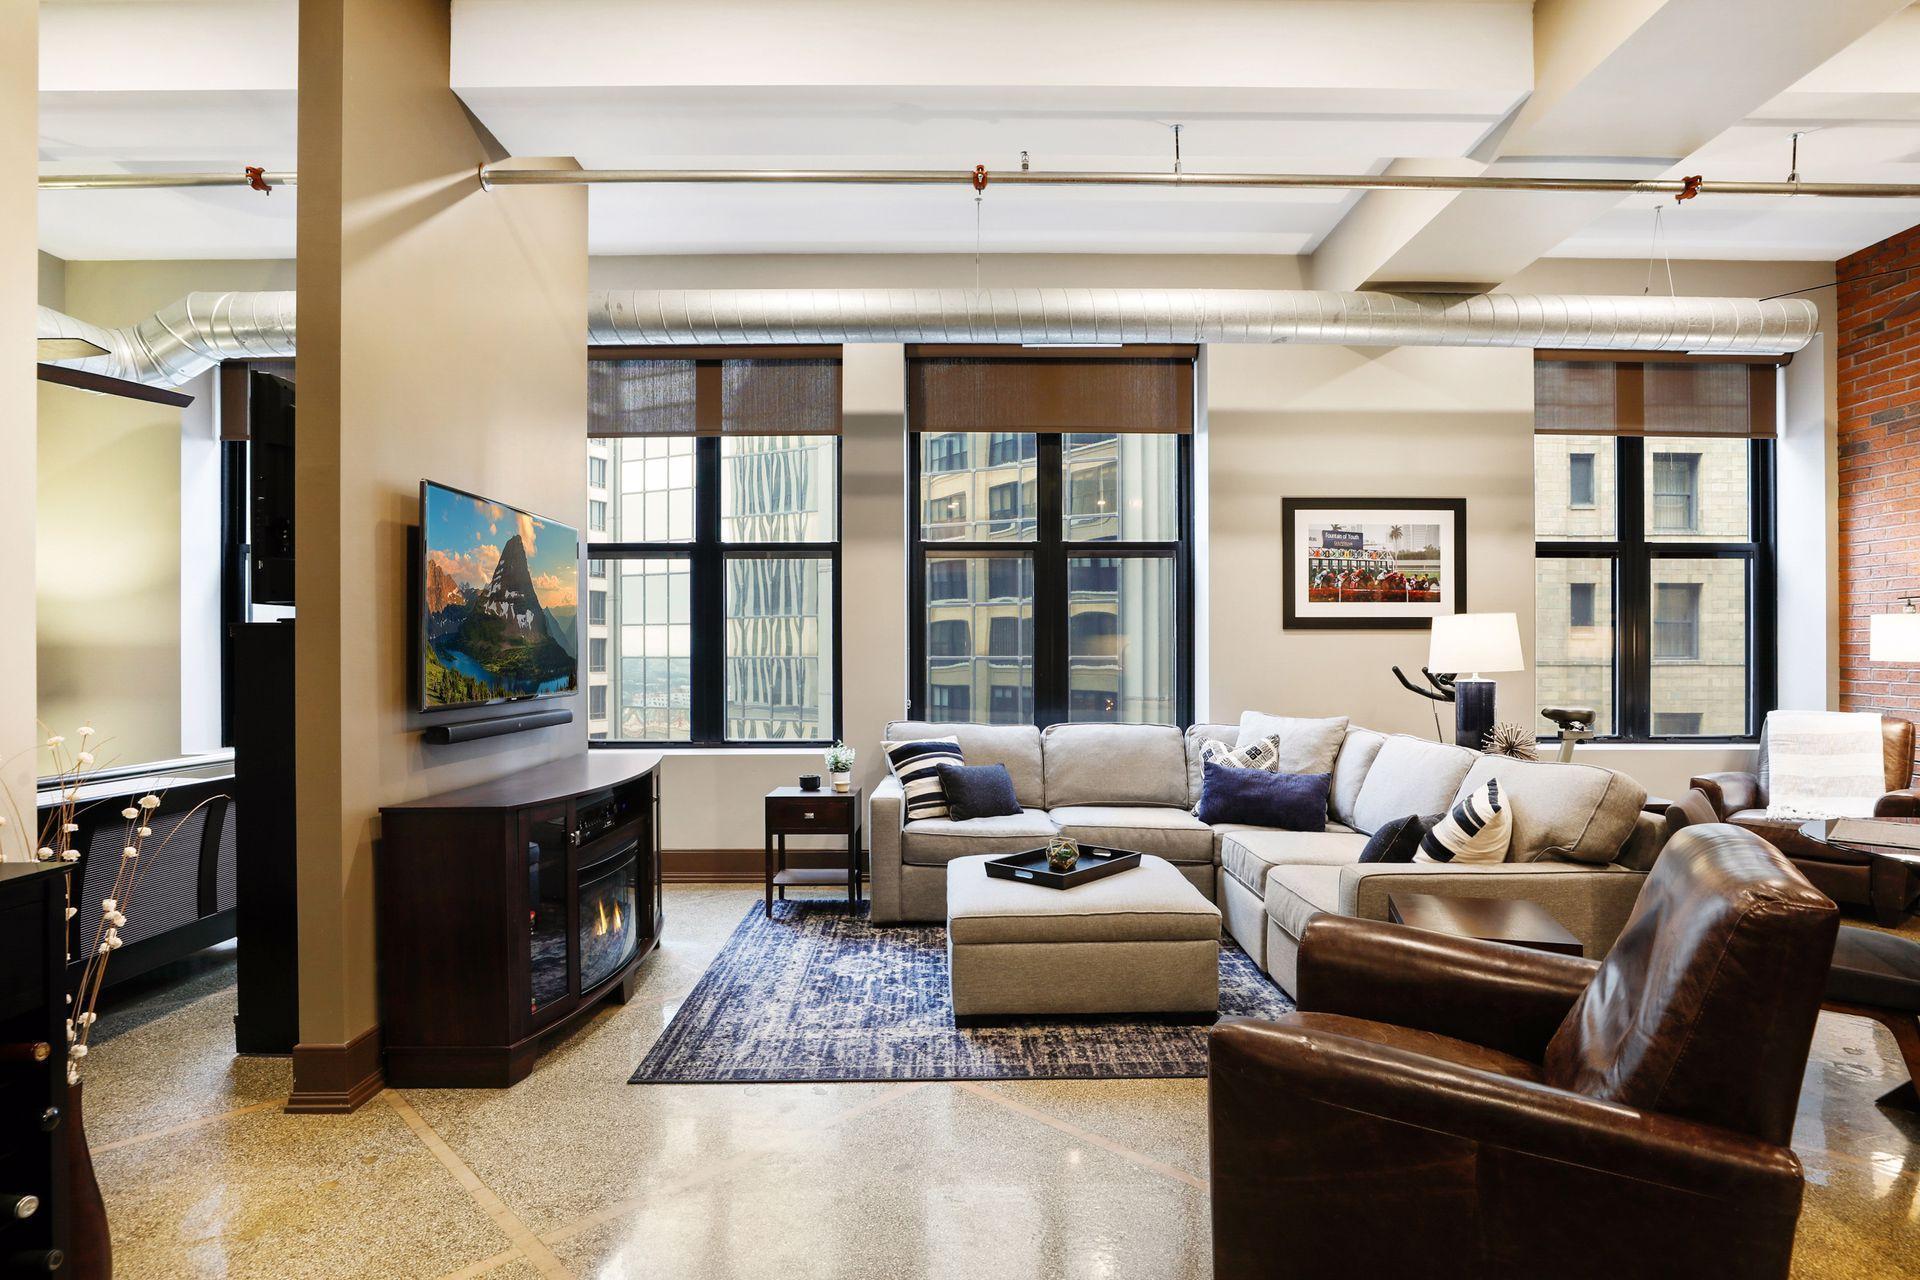 350 Saint Peter Street, Saint Paul, Minnesota 55102, 1 Bedroom Bedrooms, ,1 BathroomBathrooms,Condominium,For Sale,350 Saint Peter Street,5725049